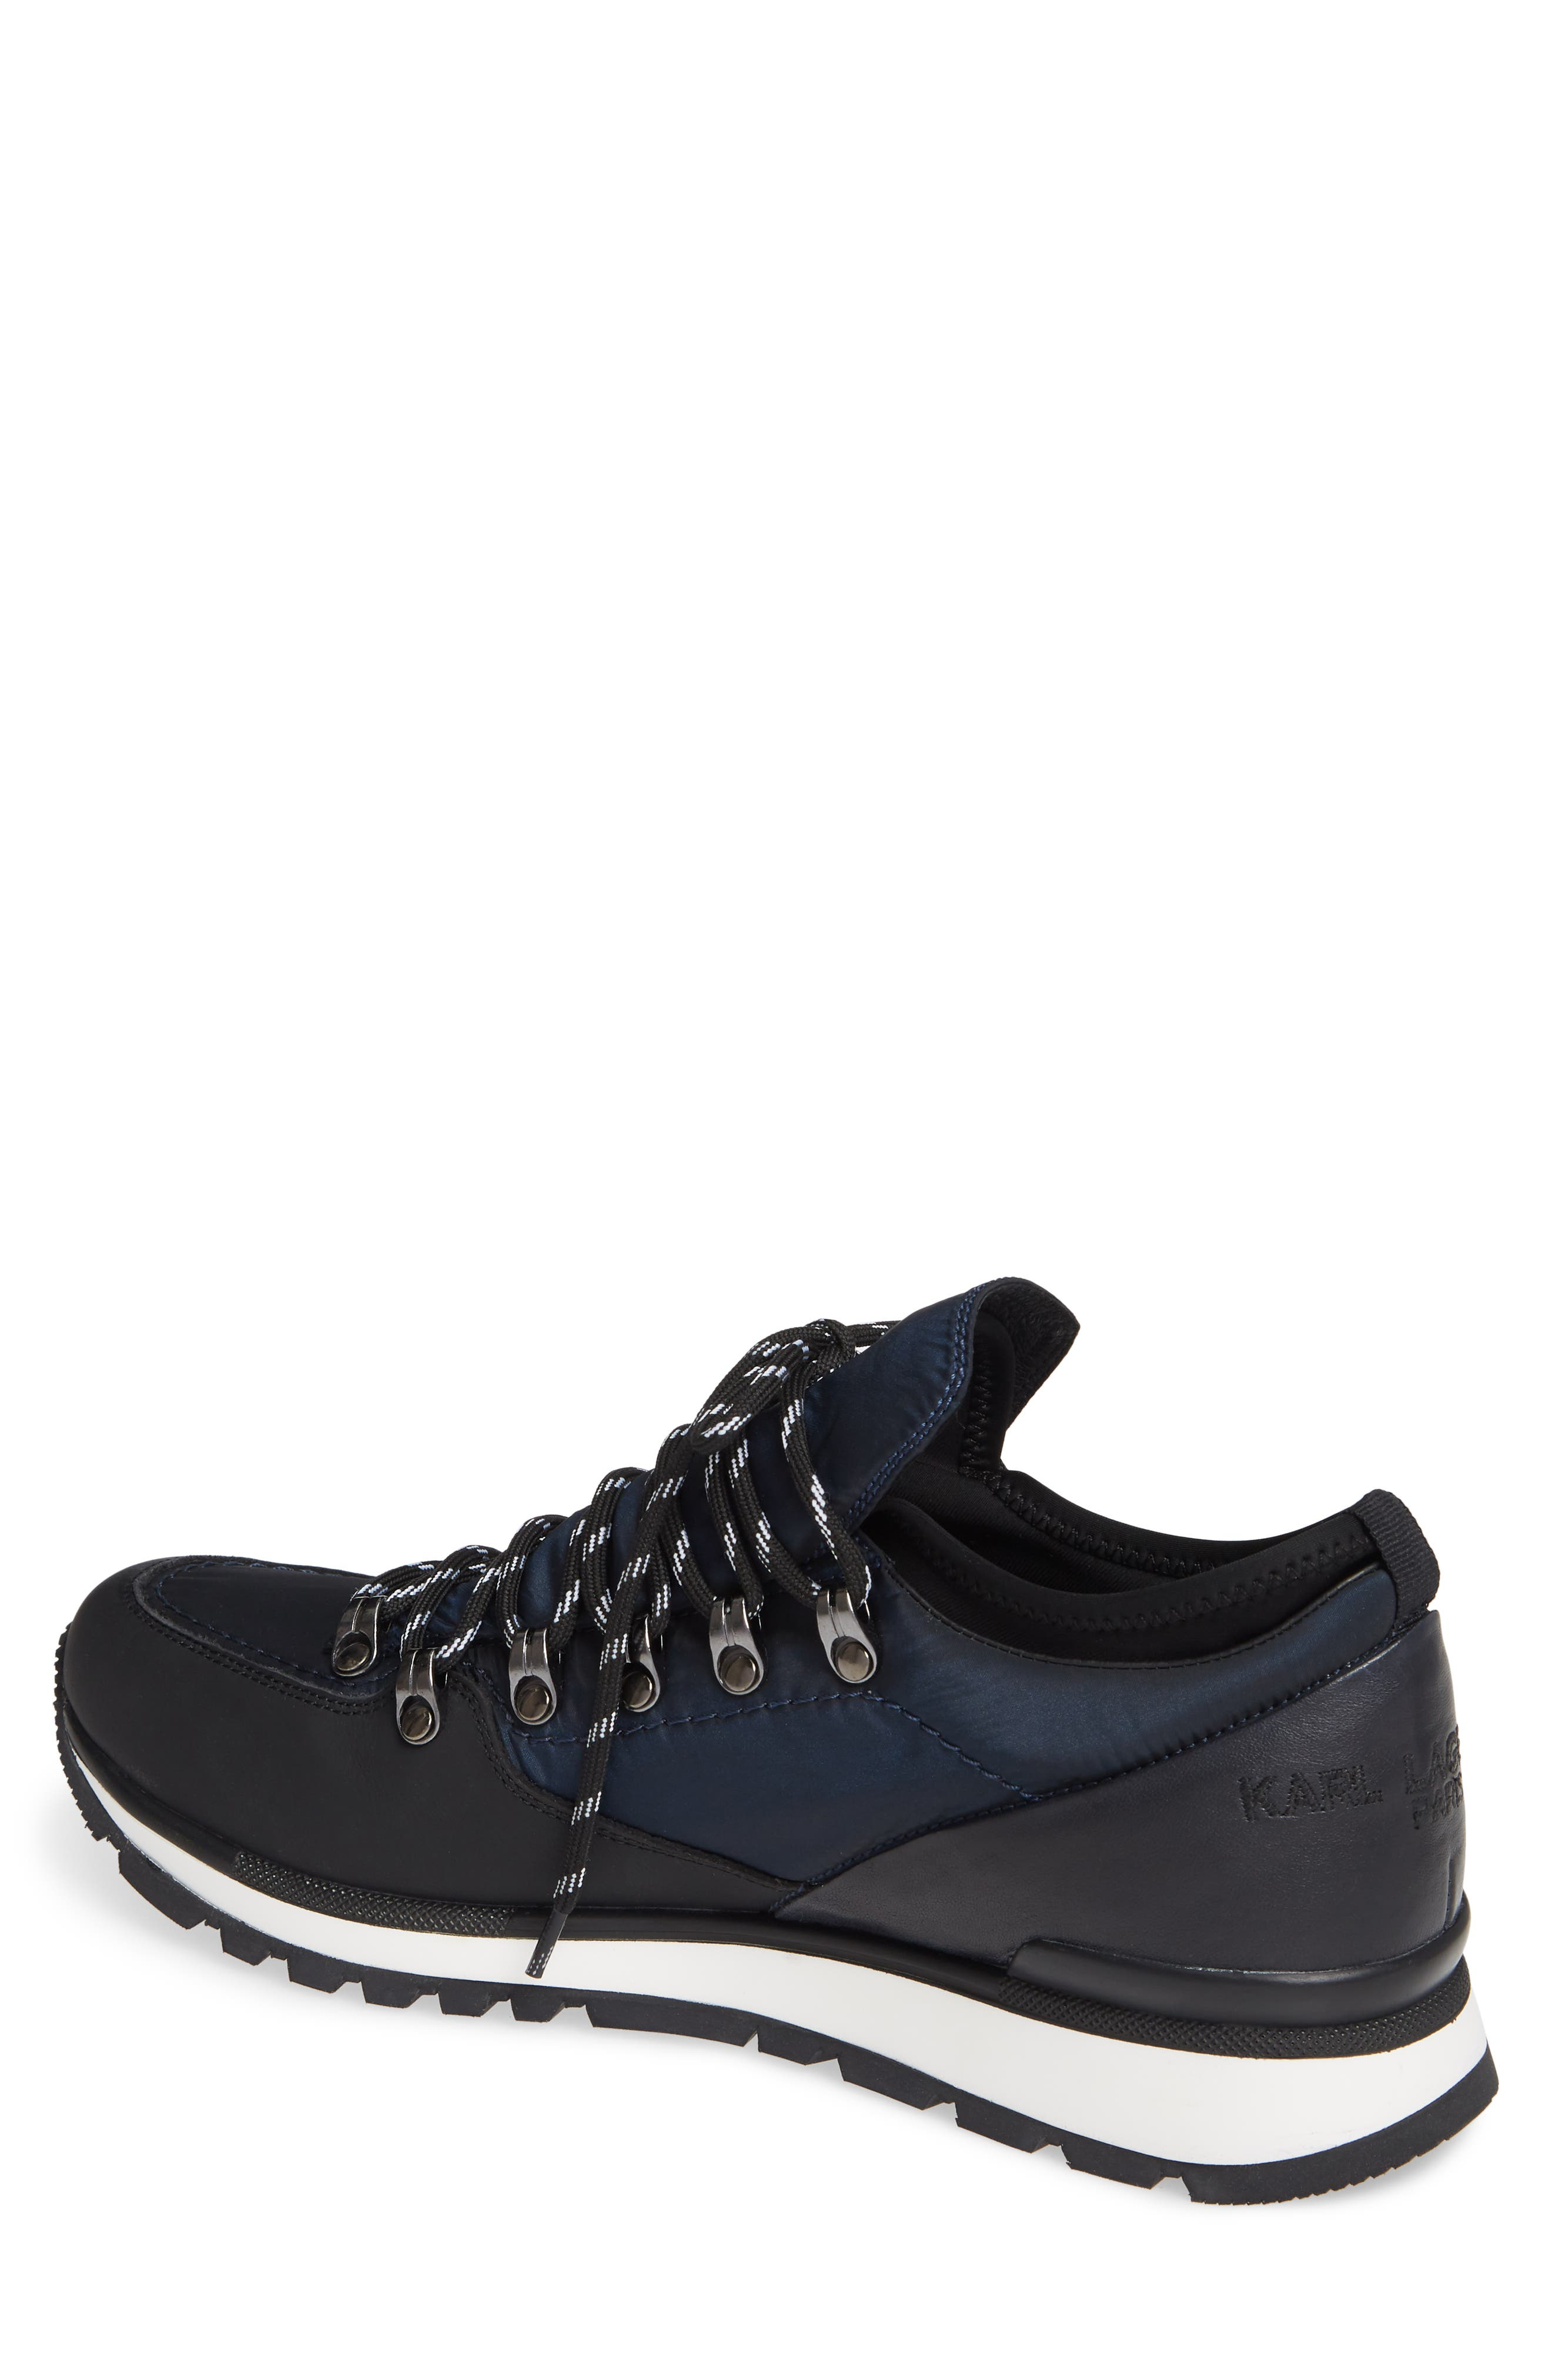 Low Top Hiker Sneaker,                             Alternate thumbnail 2, color,                             410